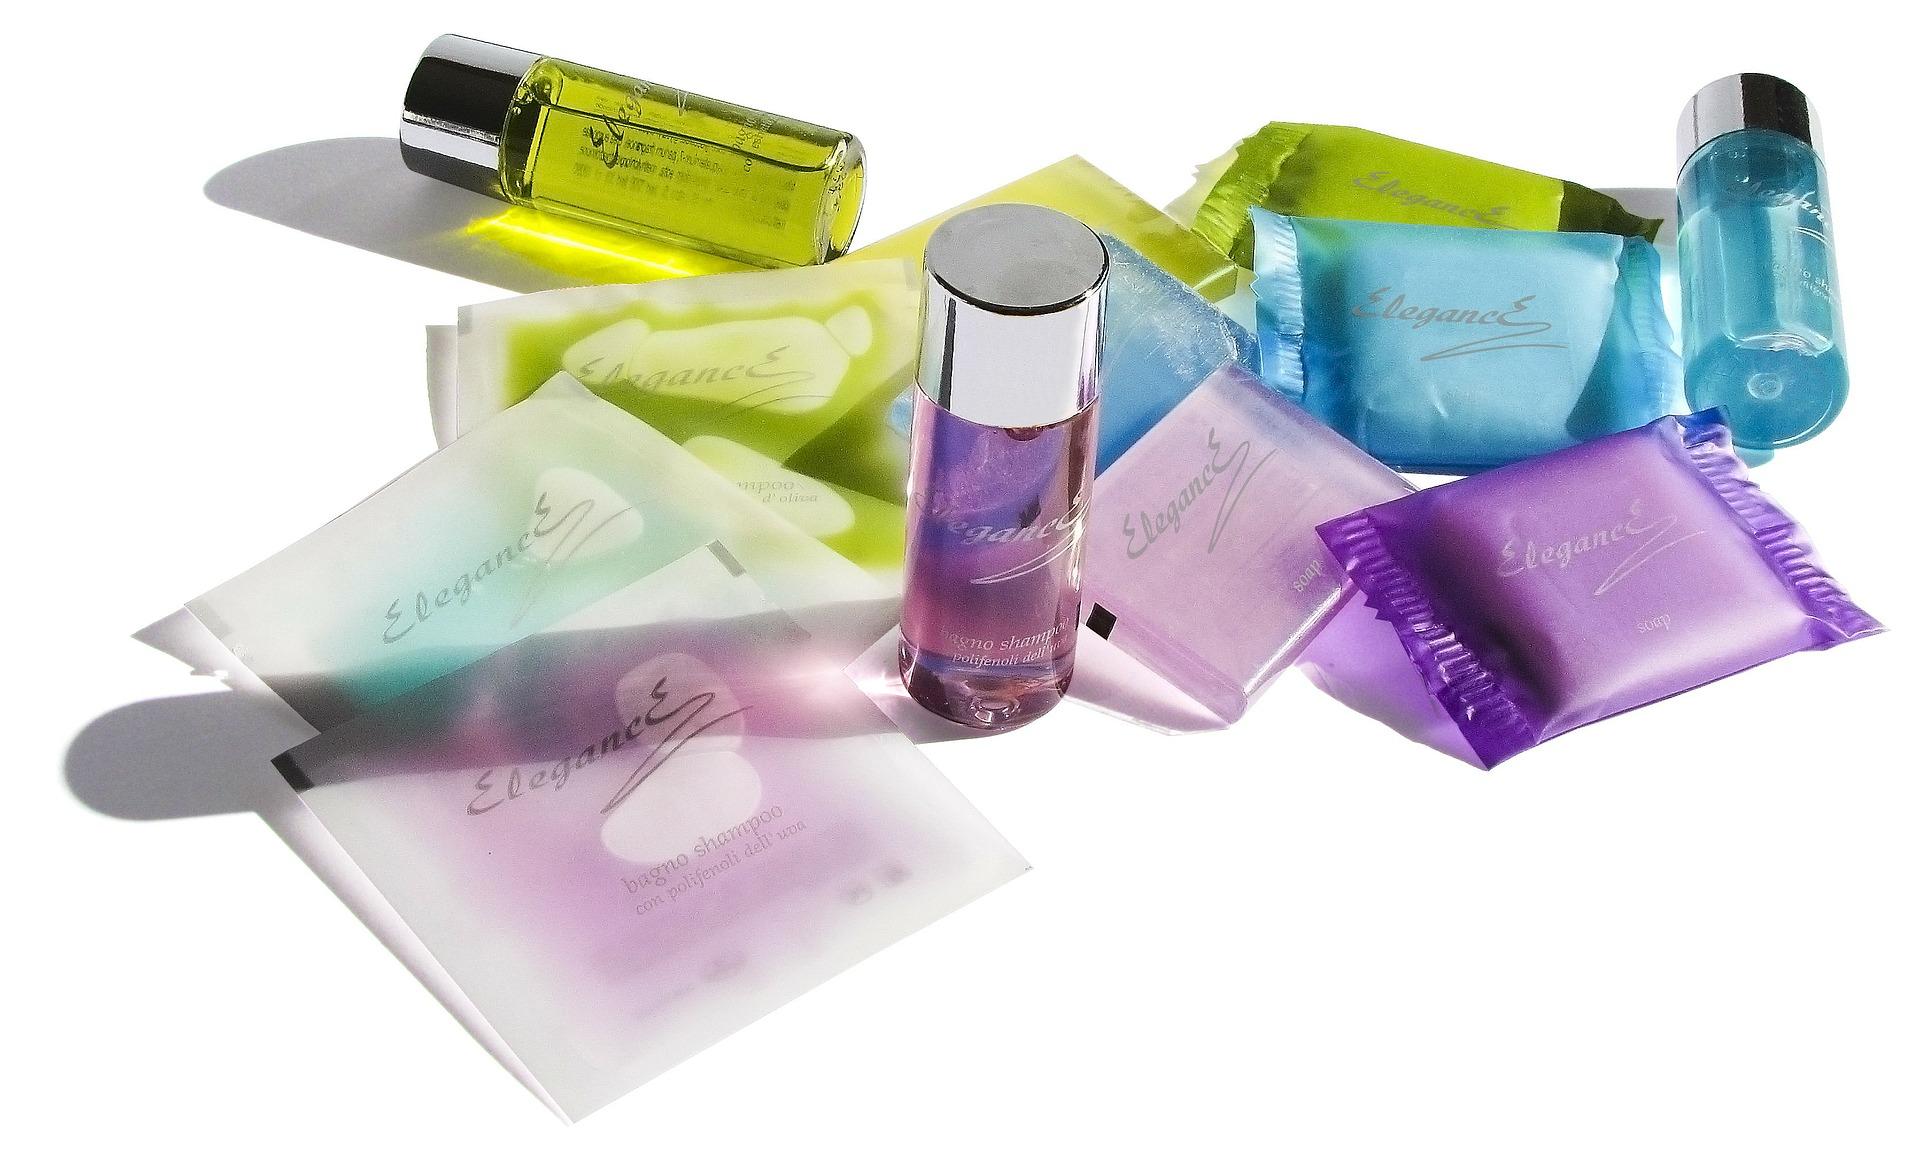 Les nouveaux emballages écologiques pour les échantillons